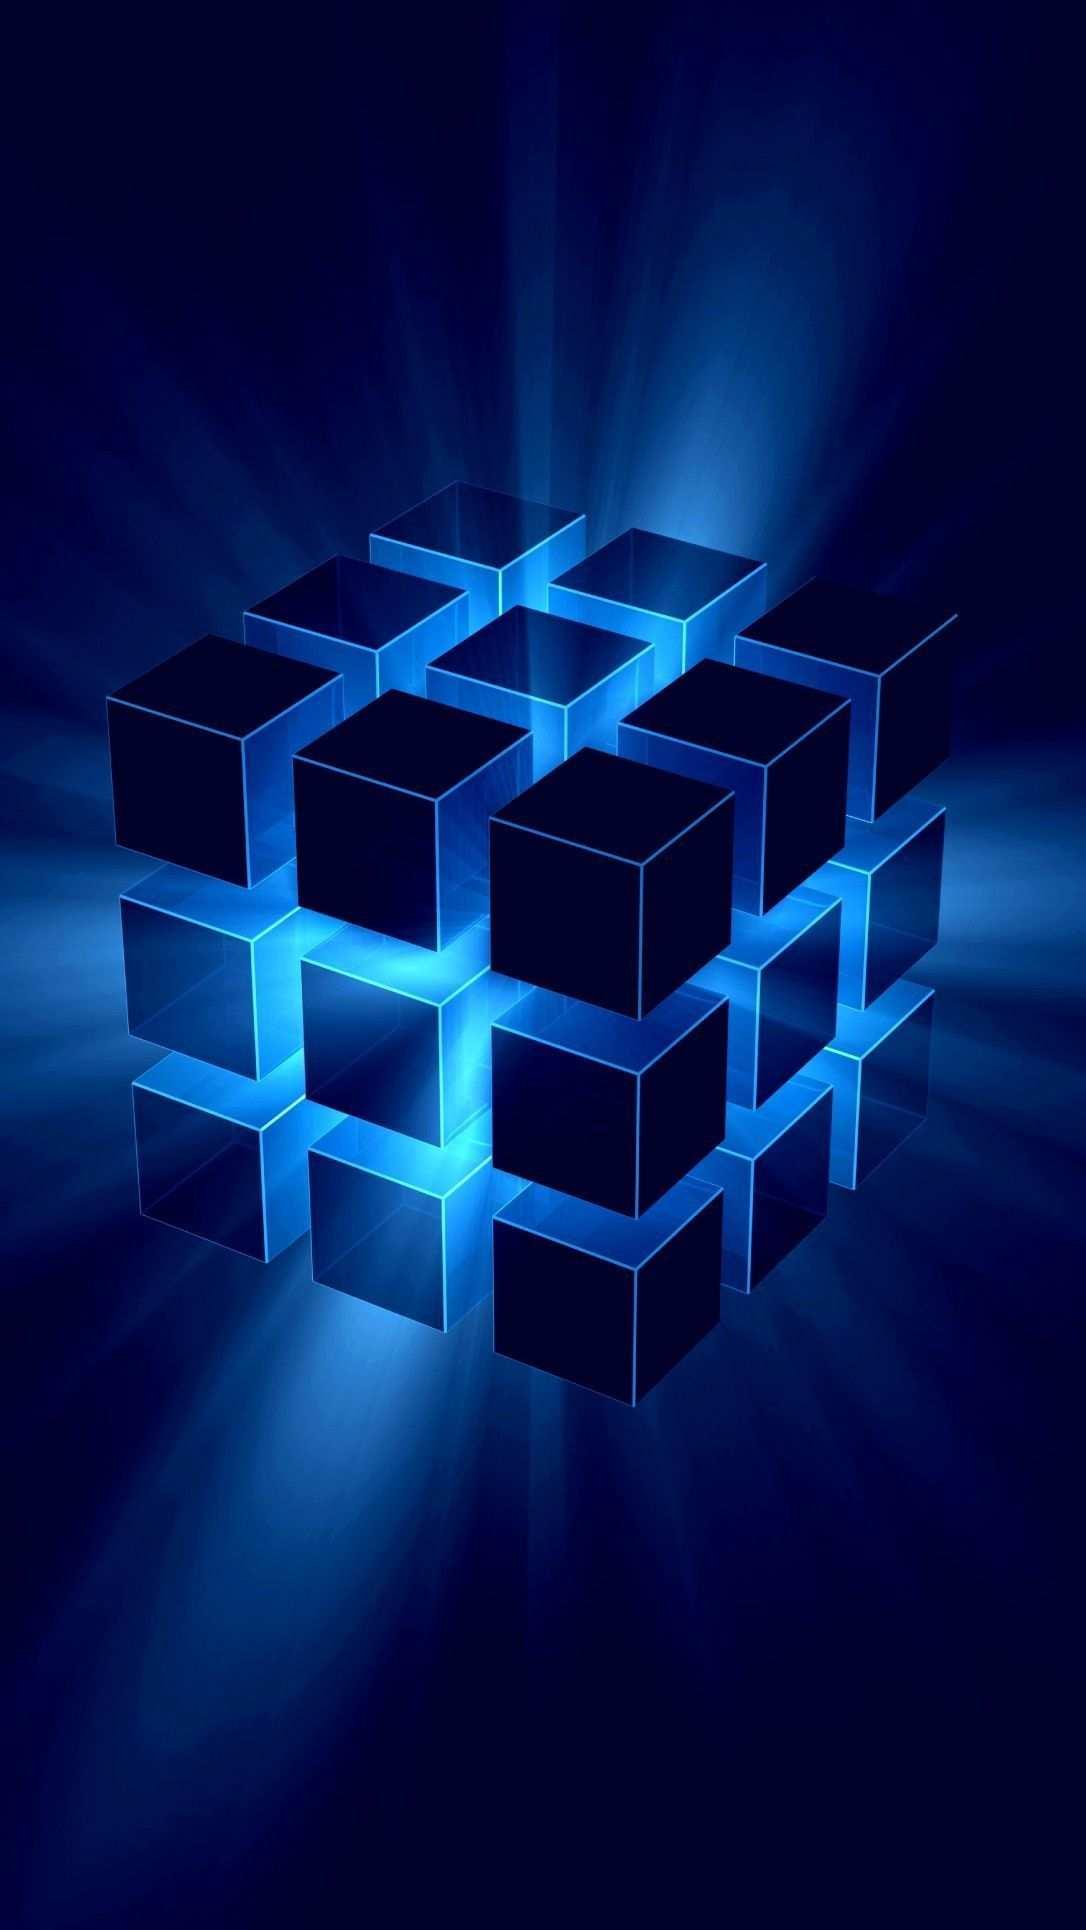 Tapete In Den Blauen Beschaffenheits Hintergrunden Tapeten In Blau Muster Tapete In Den Wallpapers Android Technologie Wallpaper Apfel Hintergrund